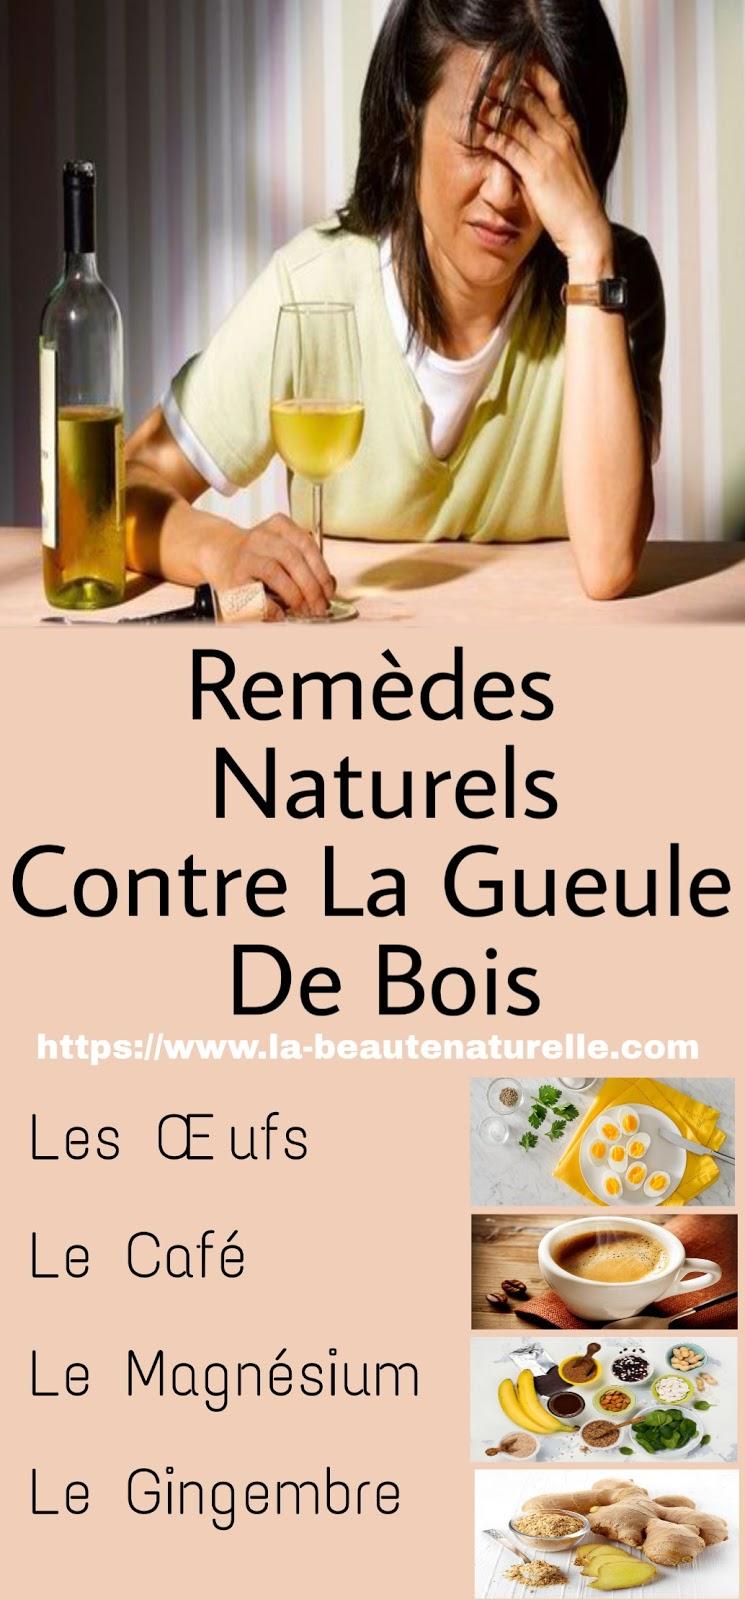 Remèdes Naturels Contre La Gueule De Bois